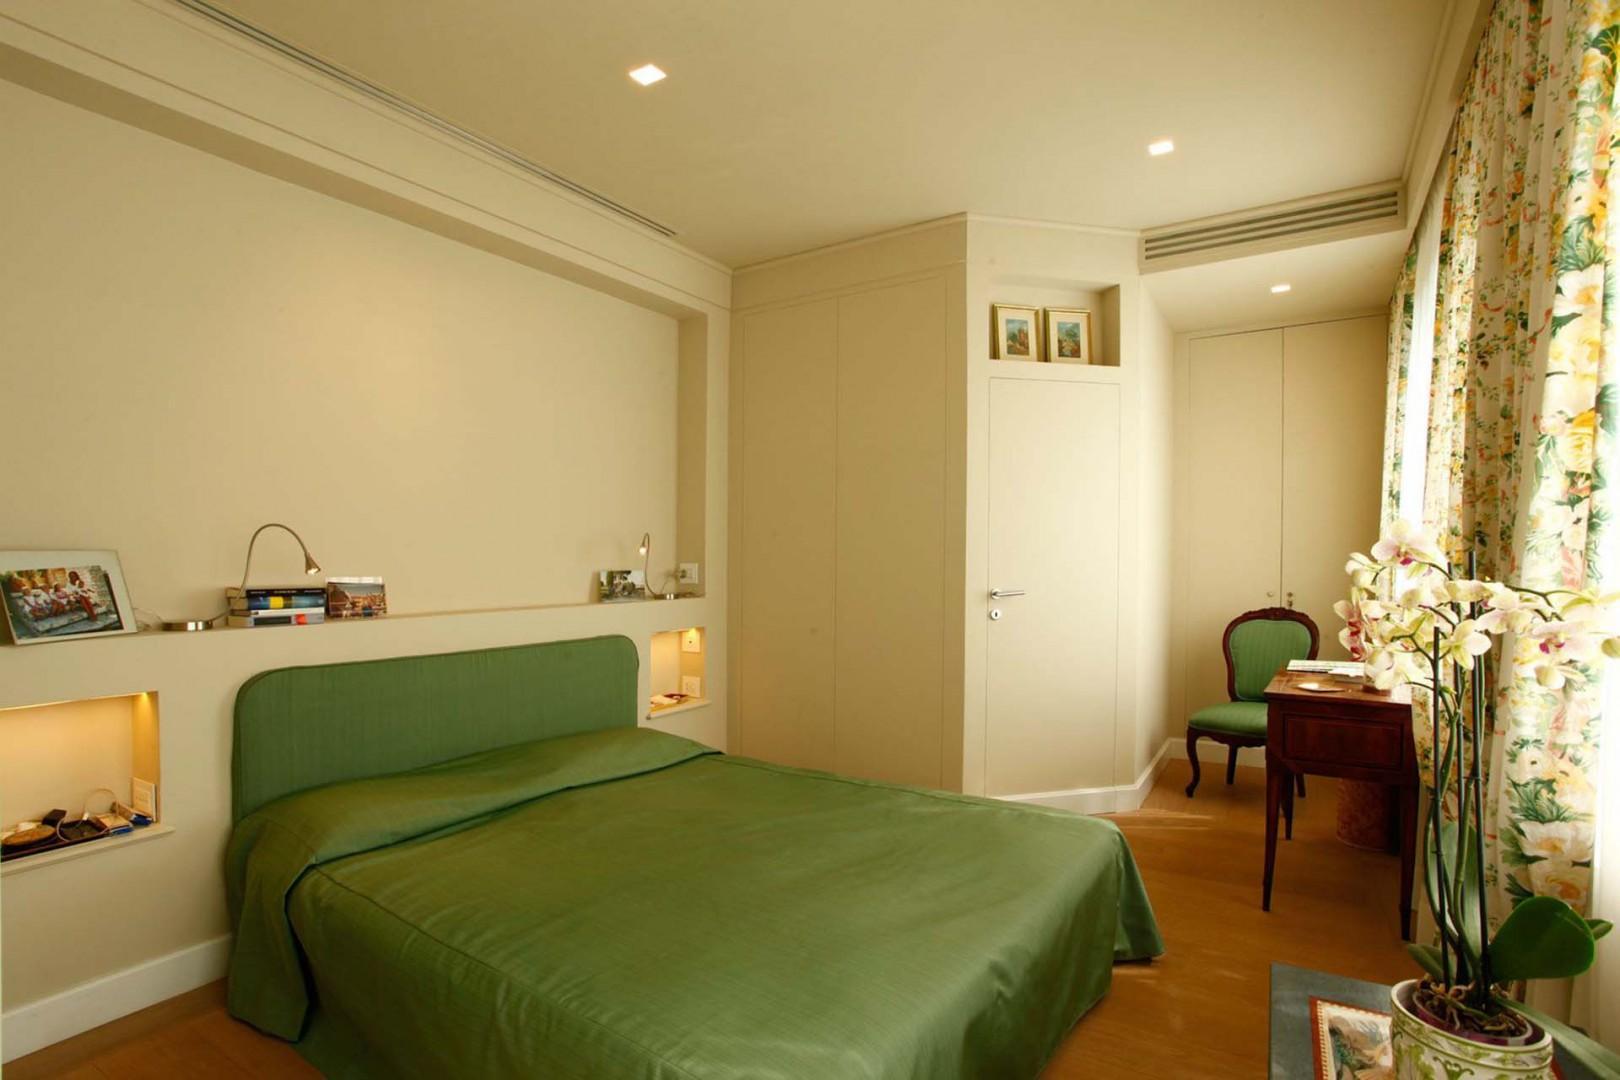 Bedroom 1 with and en suite bathroom.